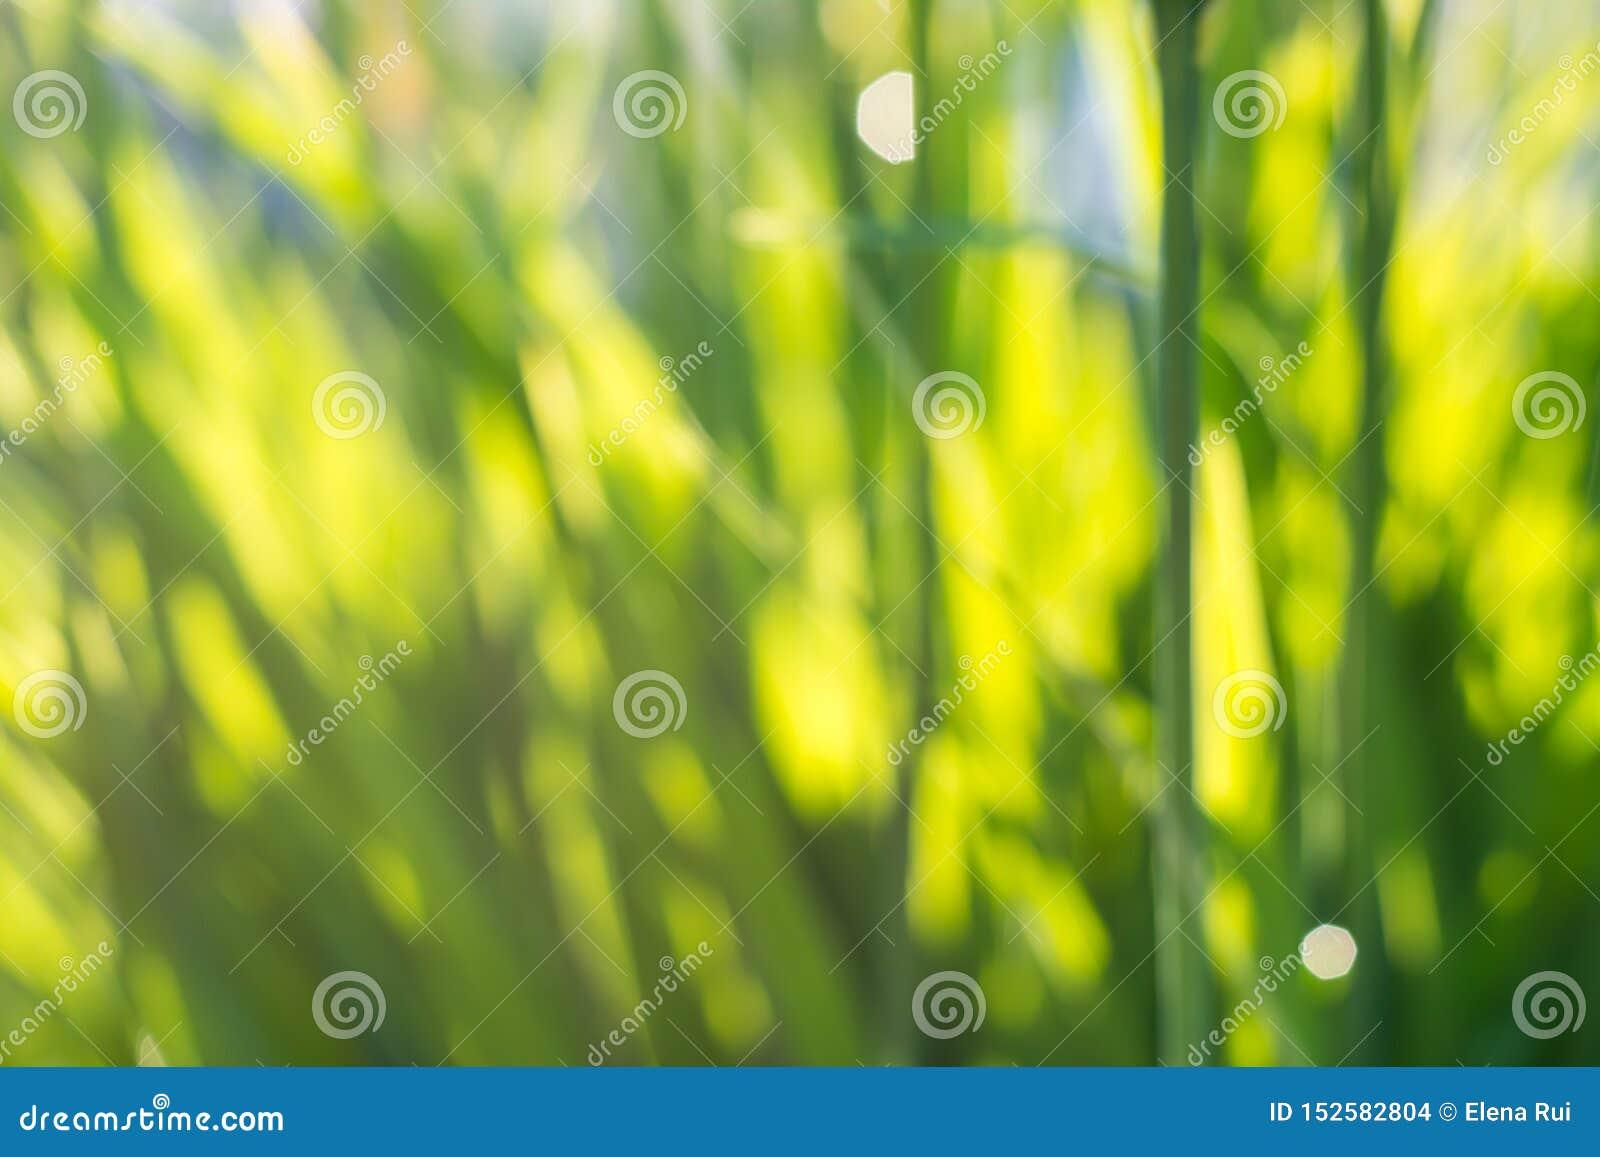 Grama nova suculenta fresca na natureza nos raios de luz solar com um bokeh e um joaninha efervescentes bonitos em um macro verde